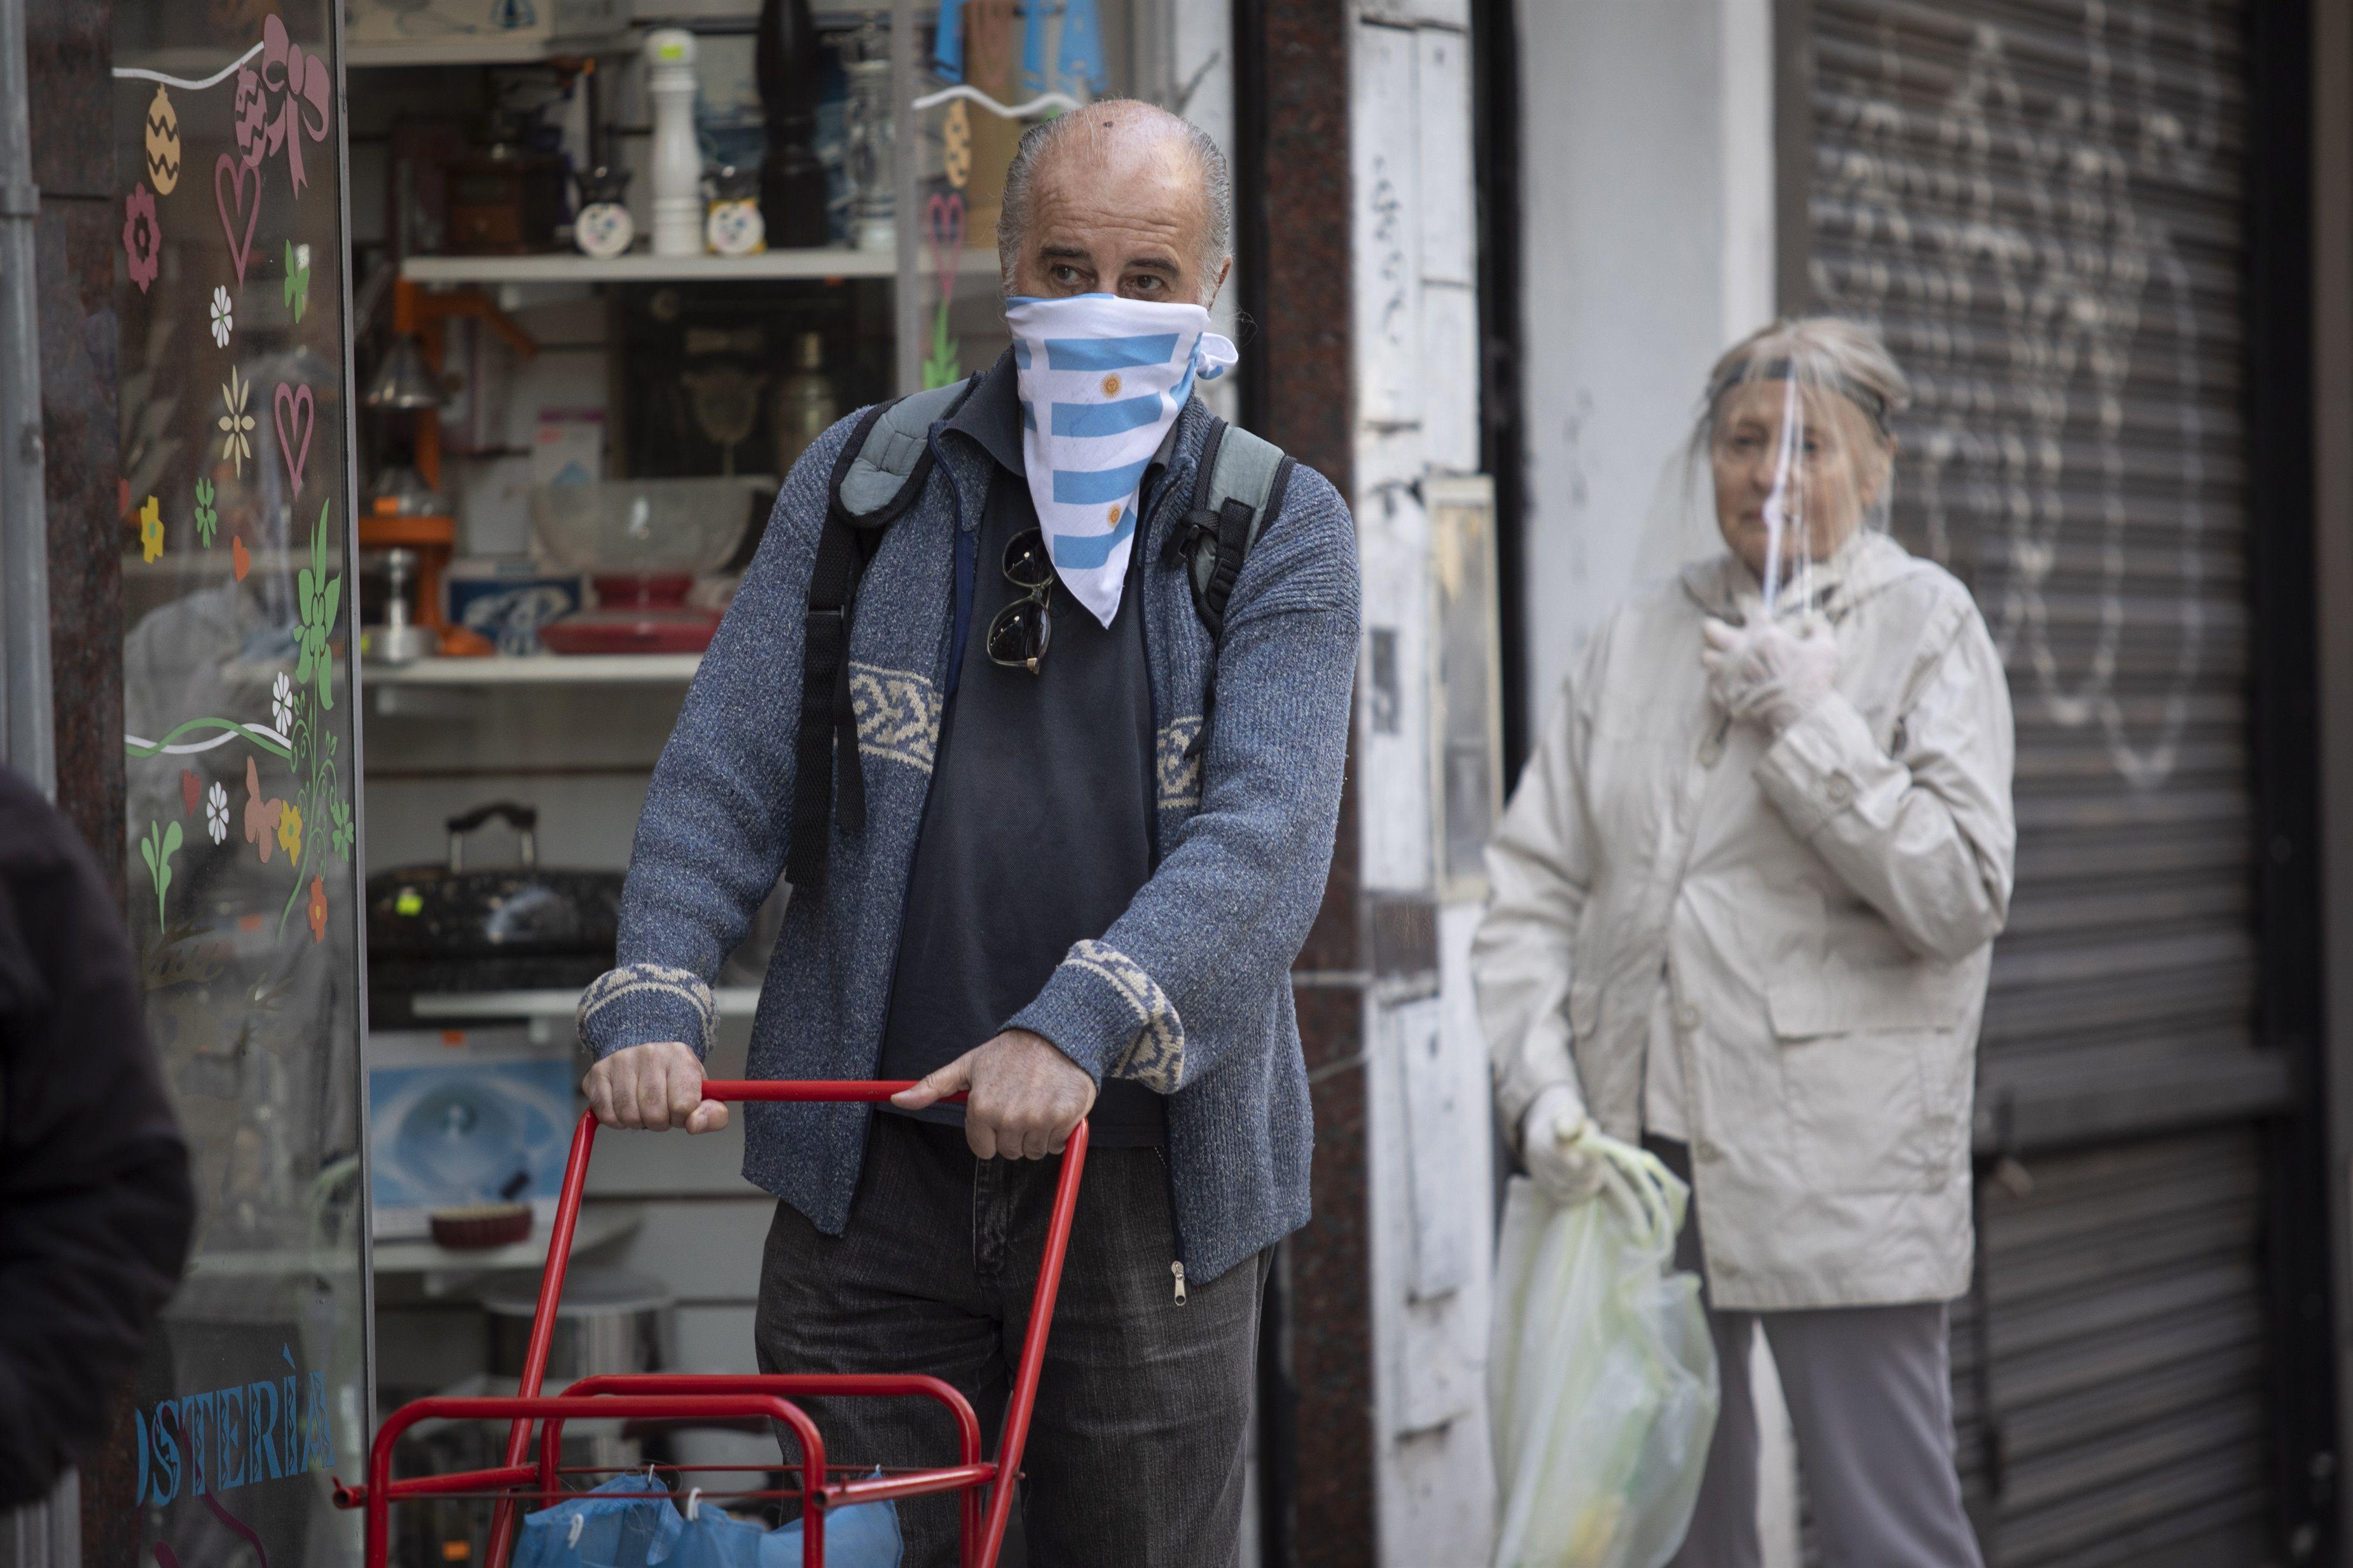 Los argentinos respetaron la cuarentena en forma estricta, saliendo solo para cubrir sus necesidades básicas, al comienzo del aislamiento / XINHUA NEWS